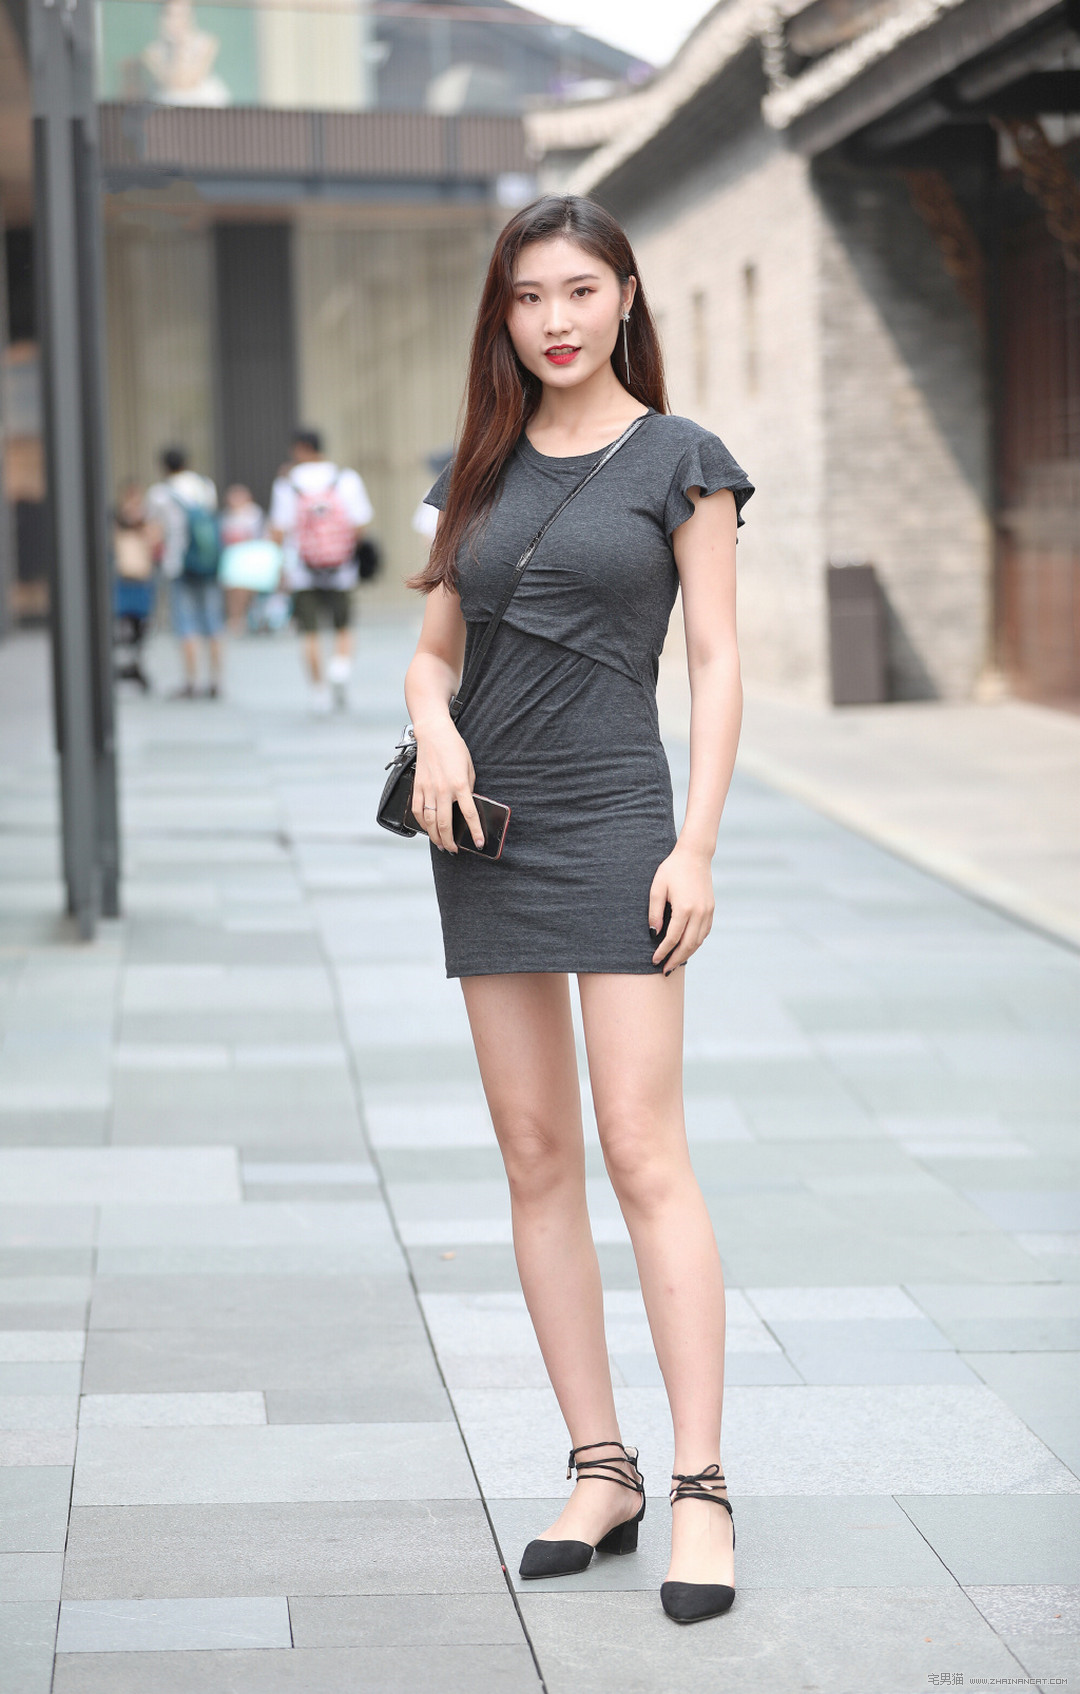 街拍:大街上遇到极品灰色包臀裙美女